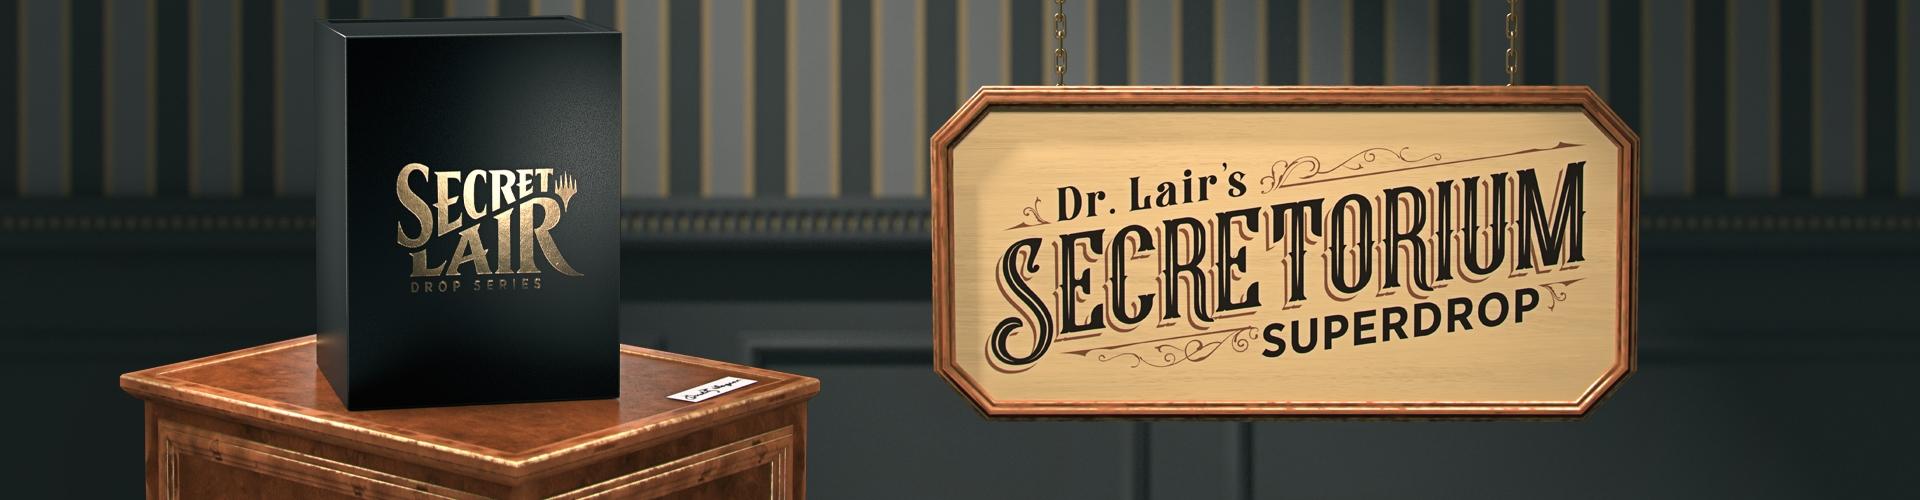 Capacity : Dr. Lair's Secretorium Superdrop